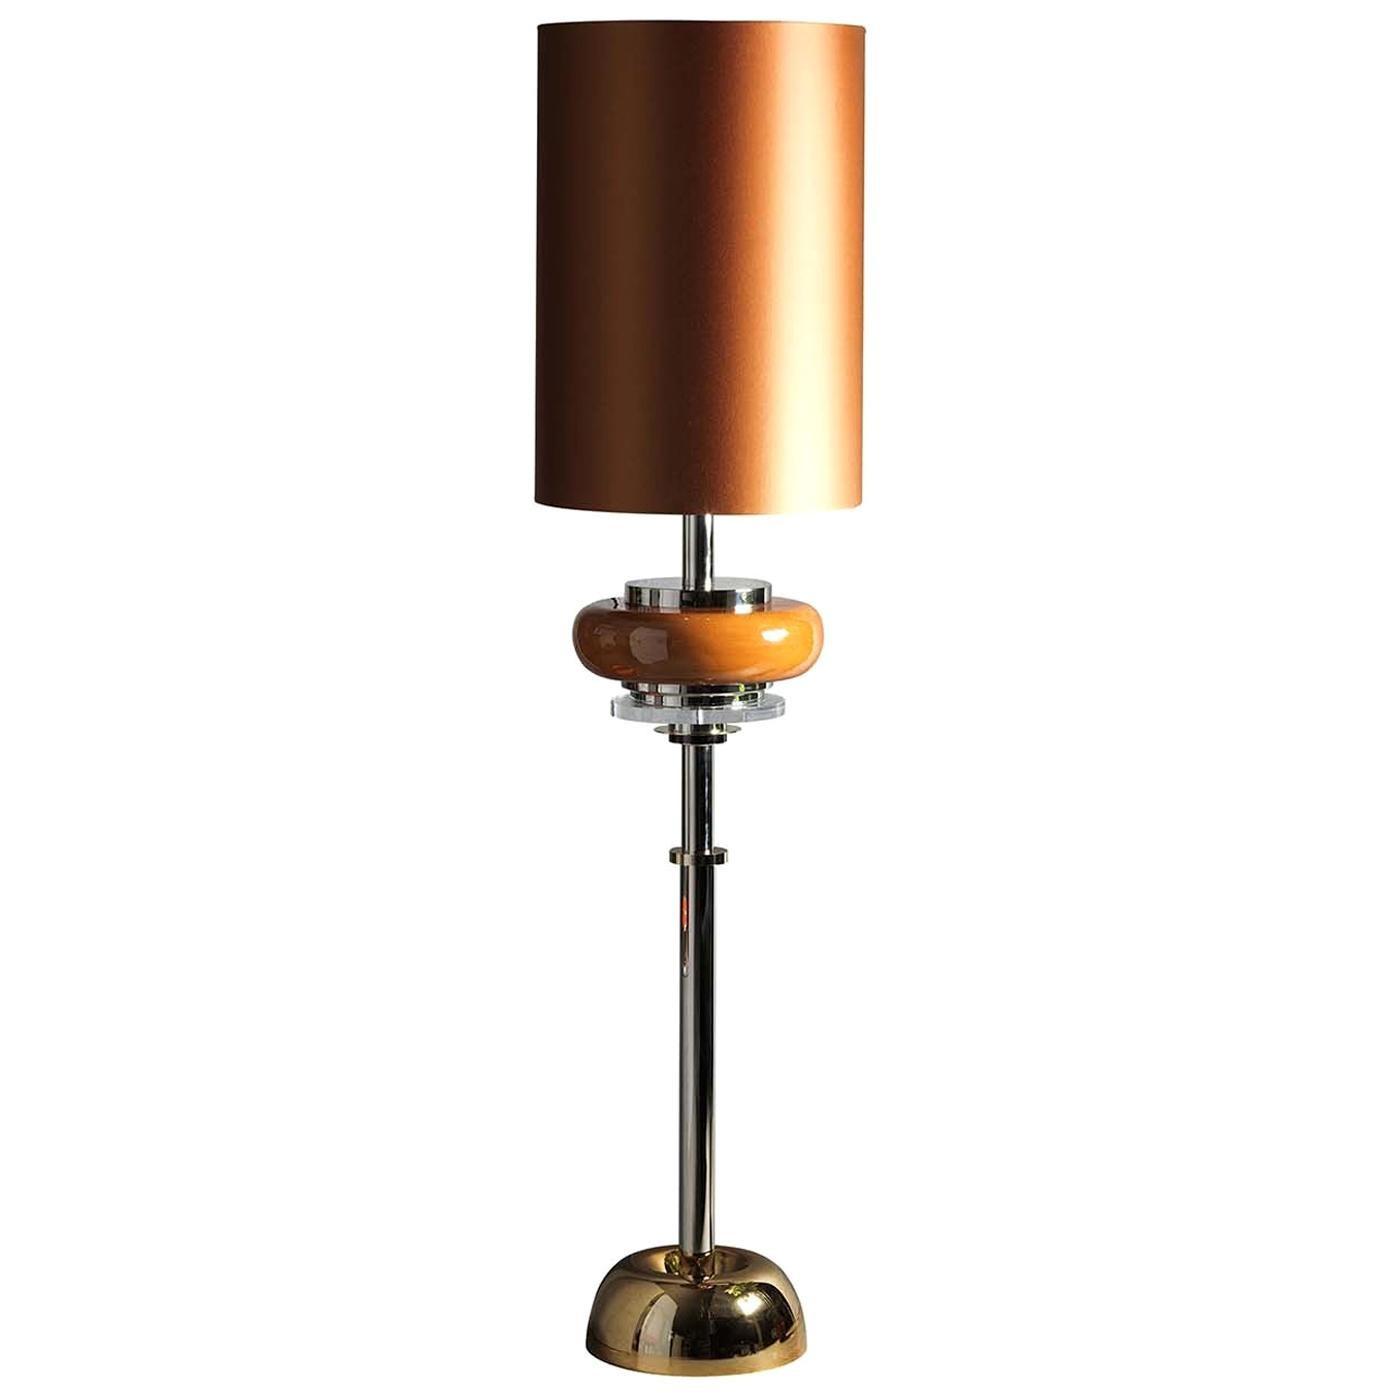 Z631 Golden Brass and Nickel Floor Lamp